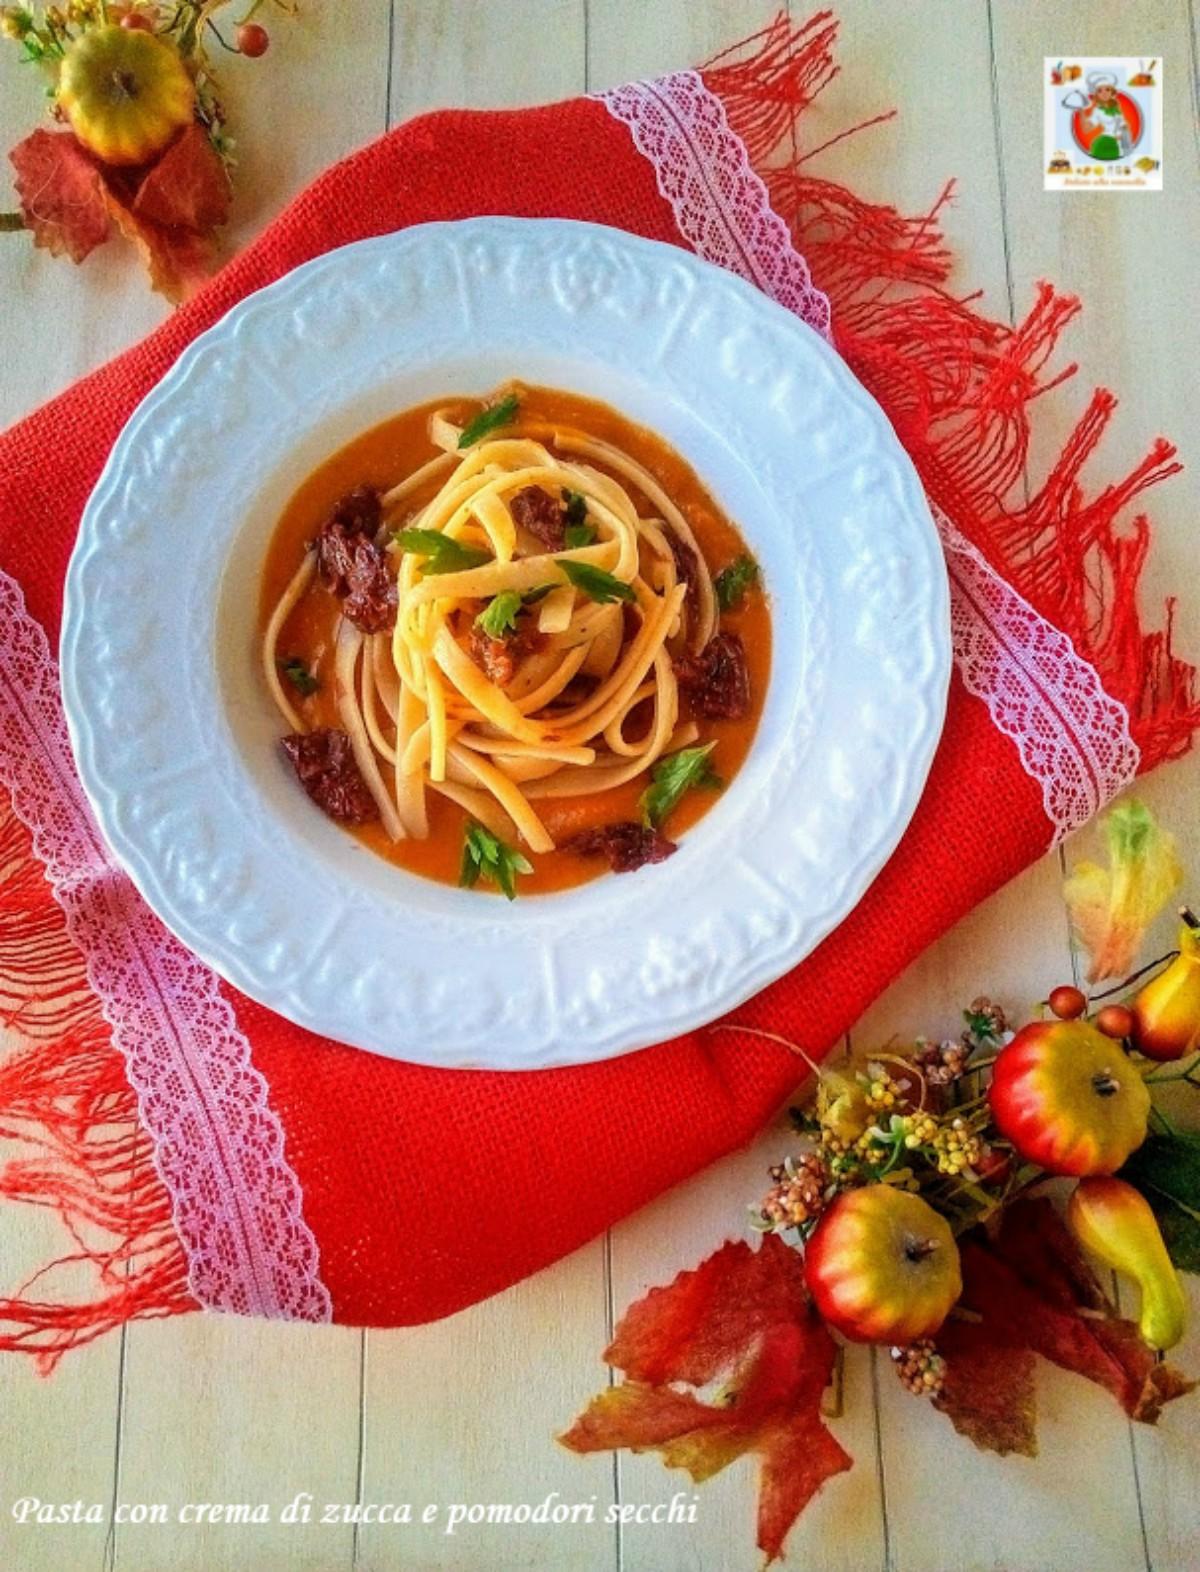 pasta con crema di zucca e pomodori secchi v1